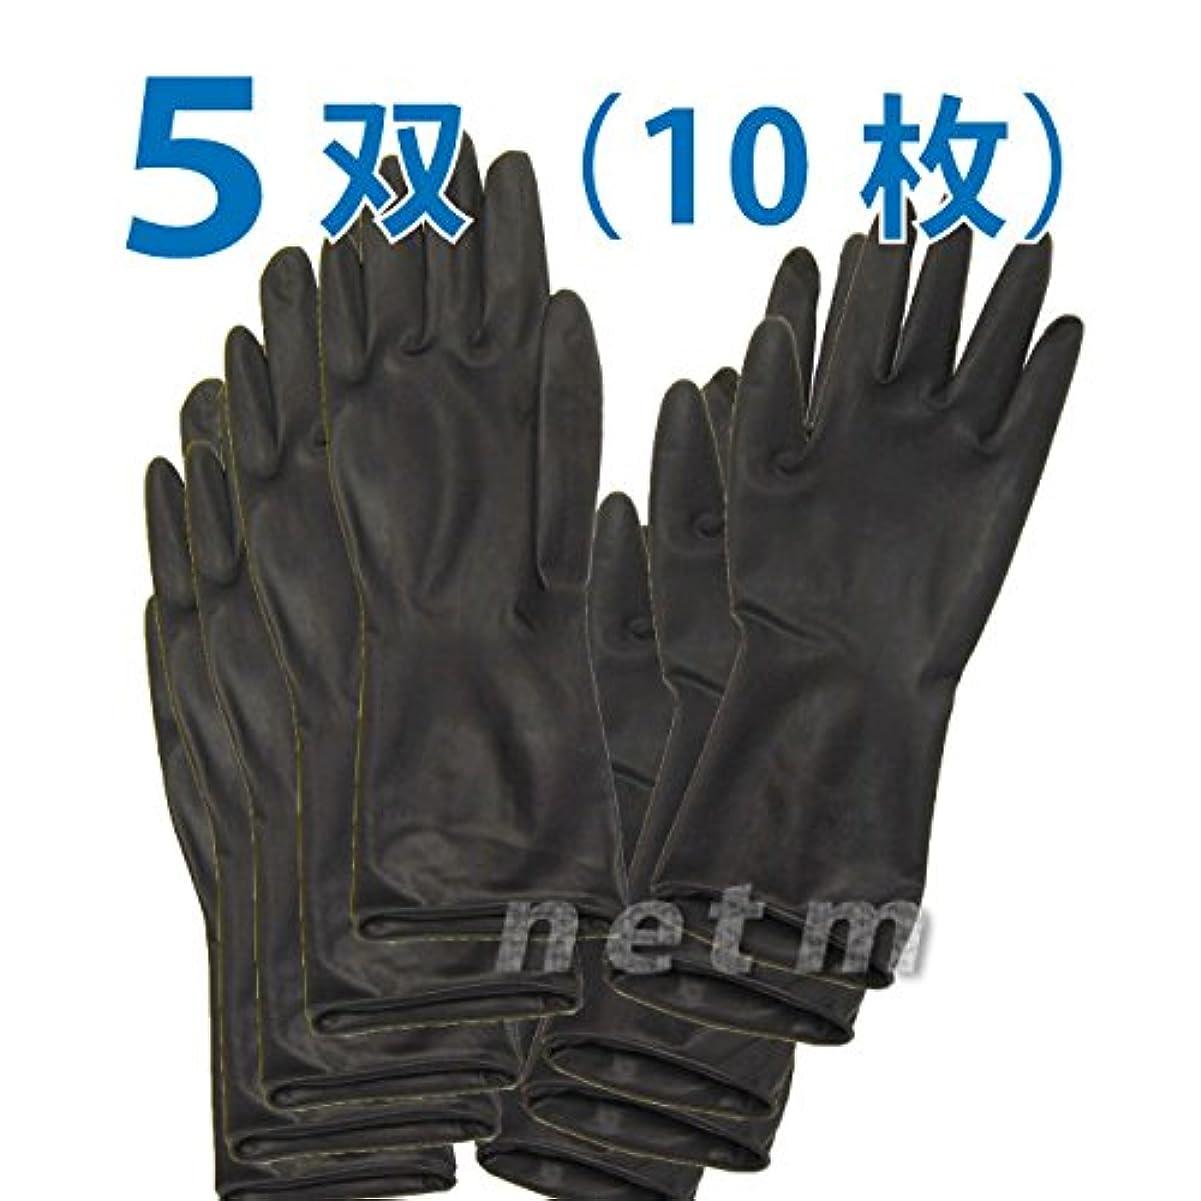 削除するリダクター公式オカモト ブラックグローブ ロングタイプ Mサイズ  5双(10枚)